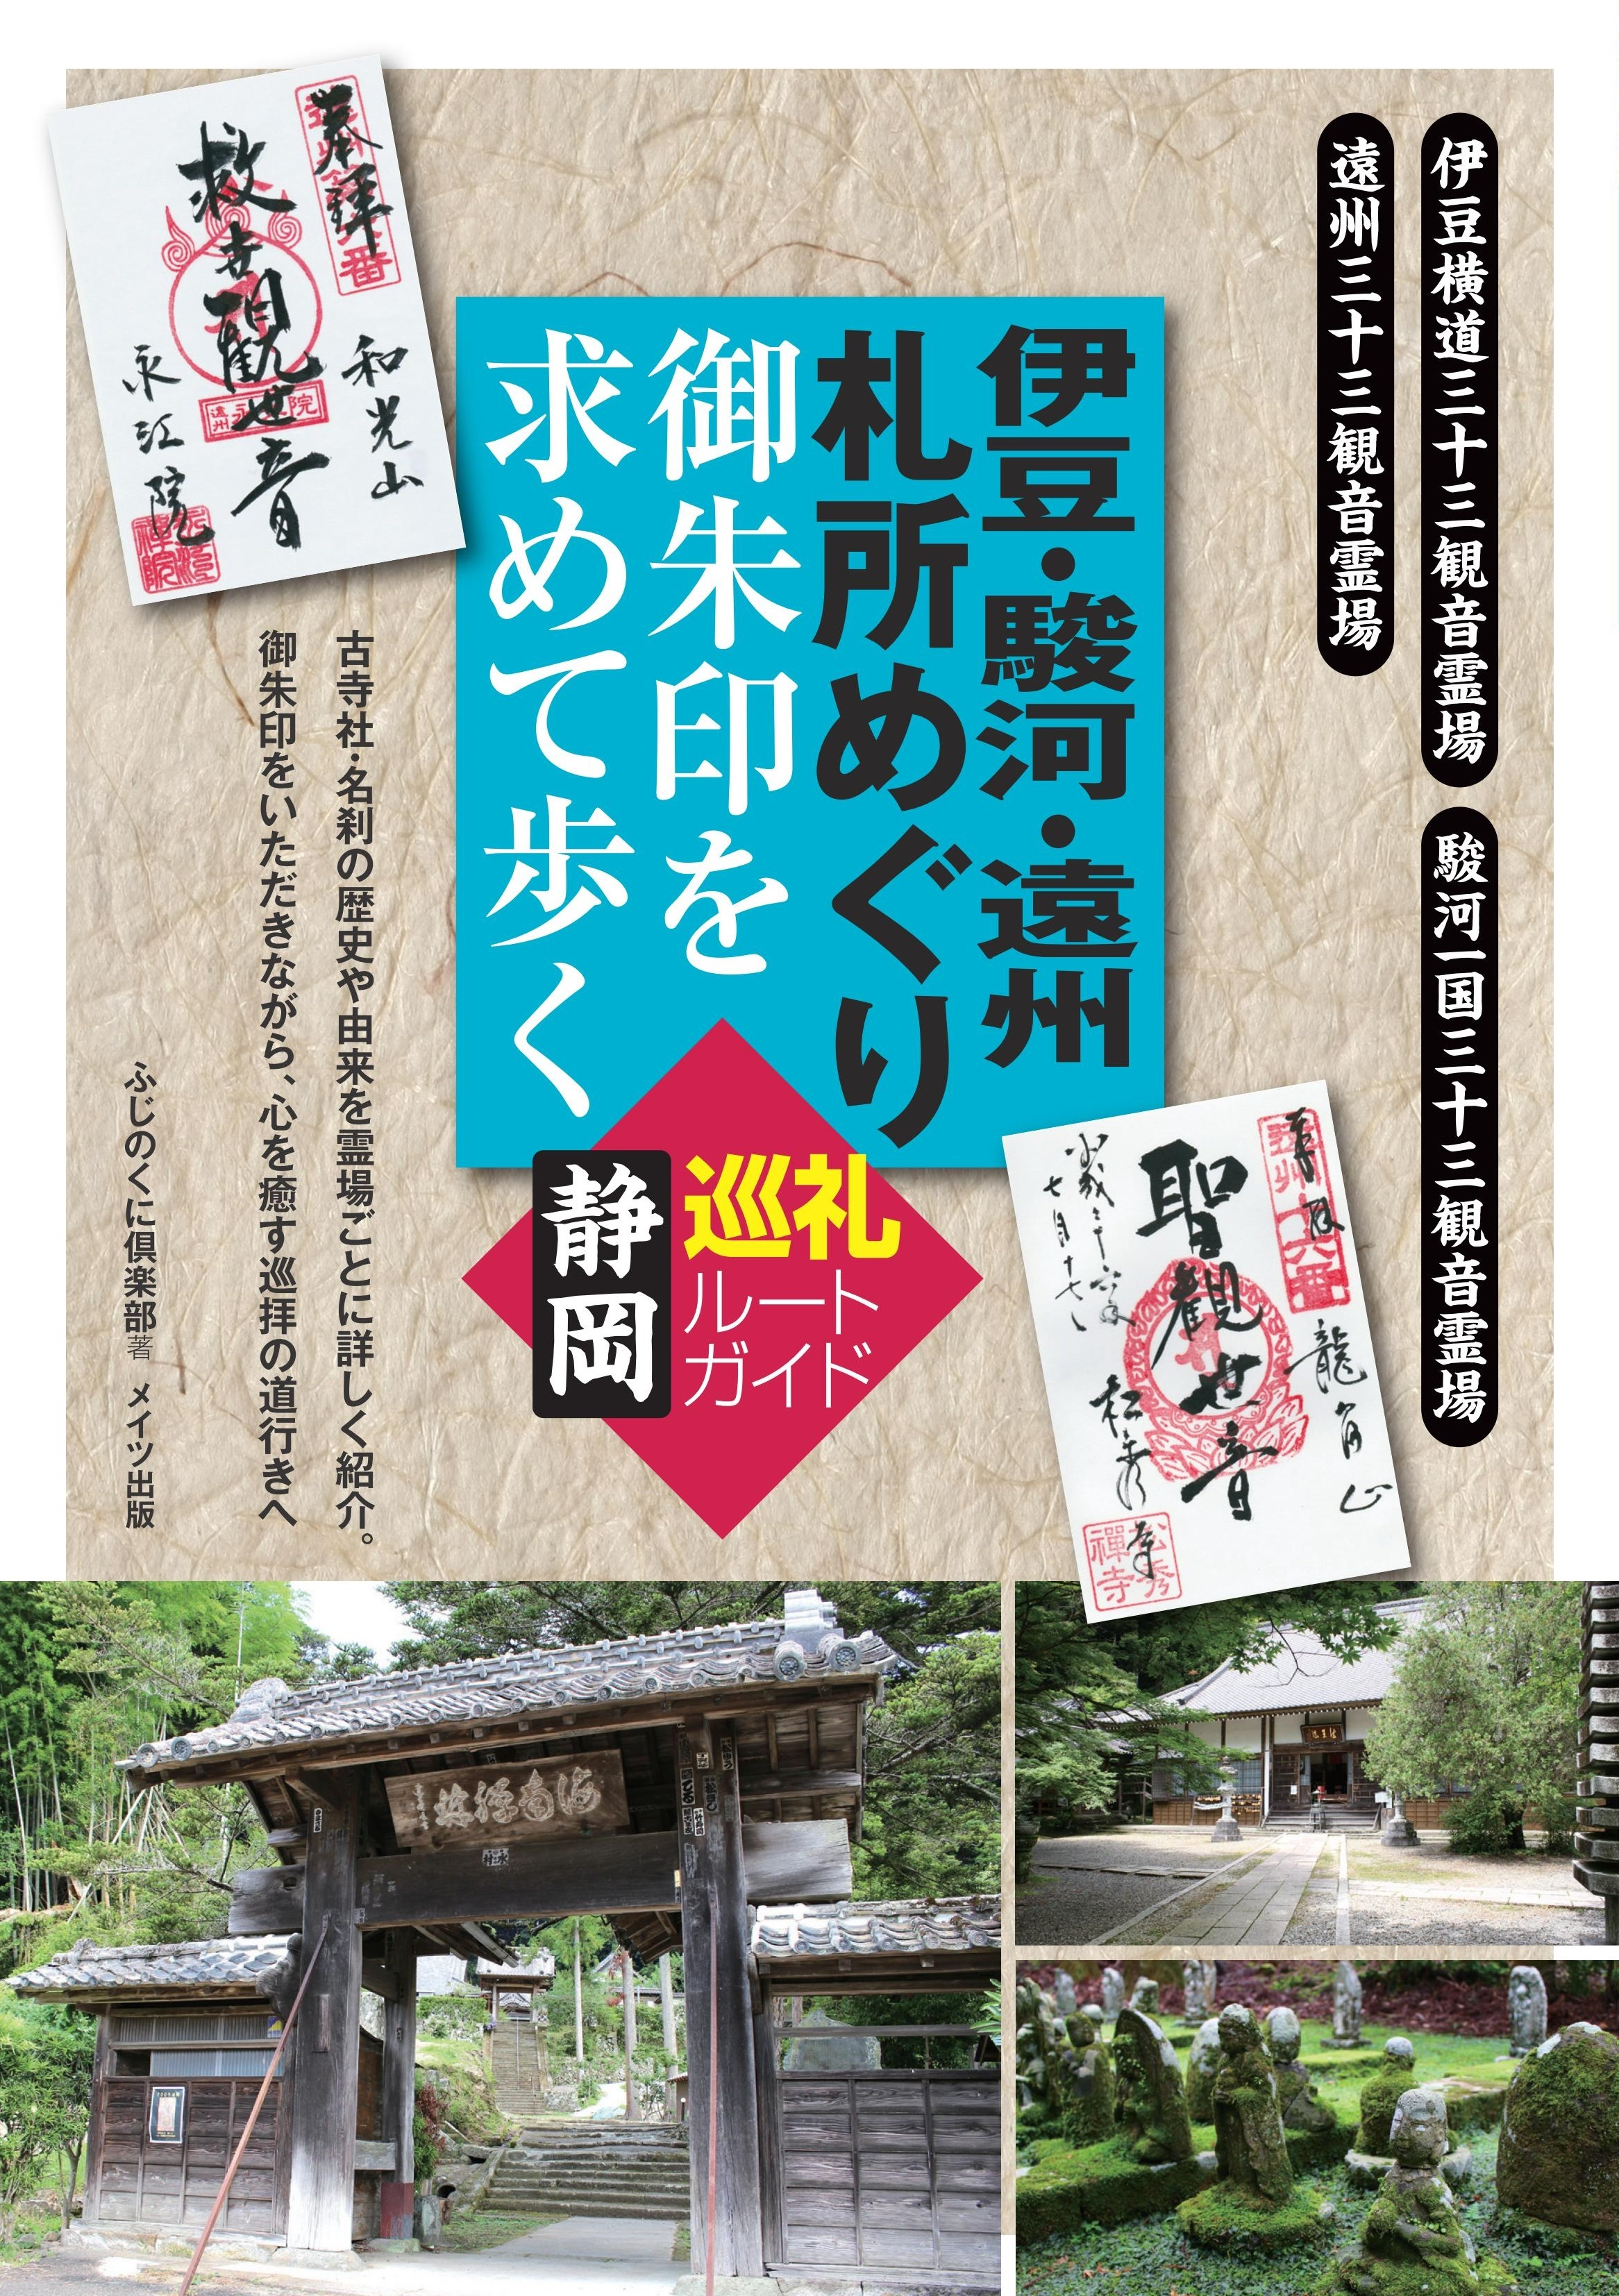 伊豆・駿河・遠州札所めぐり 御朱印を求めて歩く 静岡巡礼ルートガイド